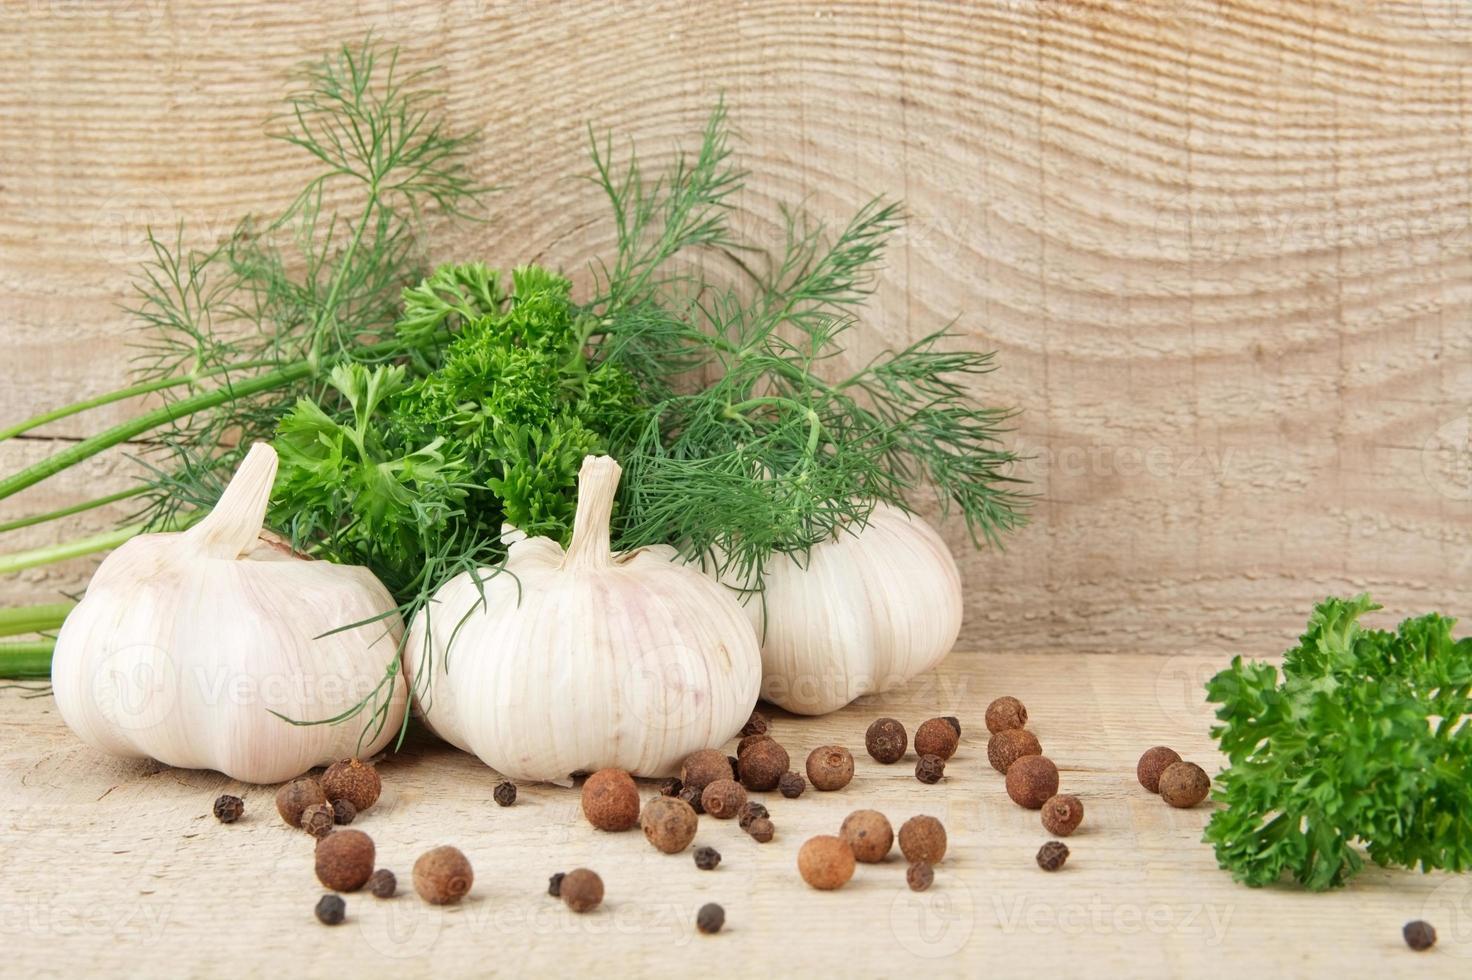 dillblad, vitlök, peppar och kryddpeppar på träplankorbakgrund foto